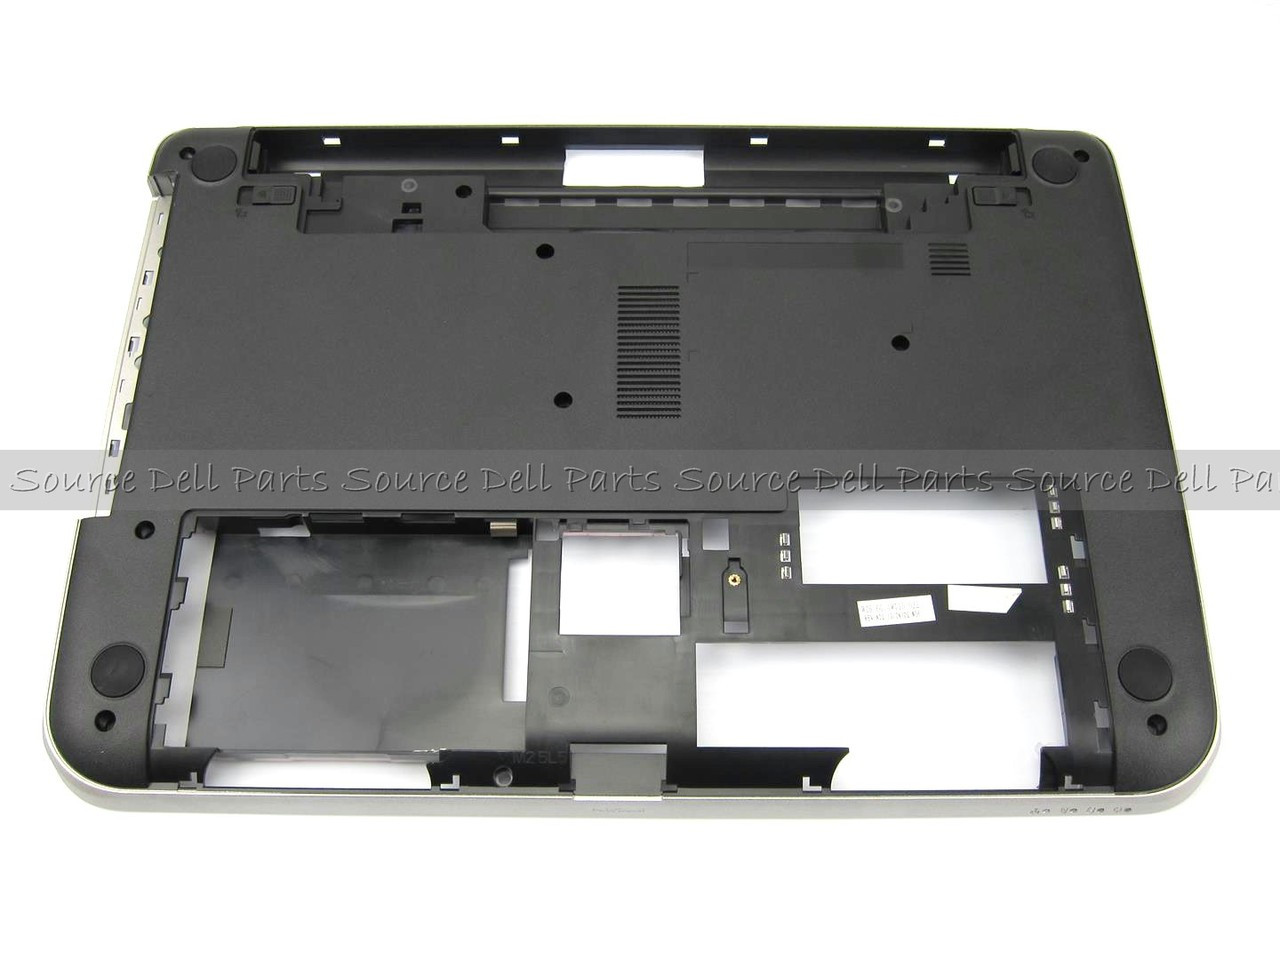 Dell Inspiron 5421 Vostro 2421 laptop Bottom Base Case - Y942V